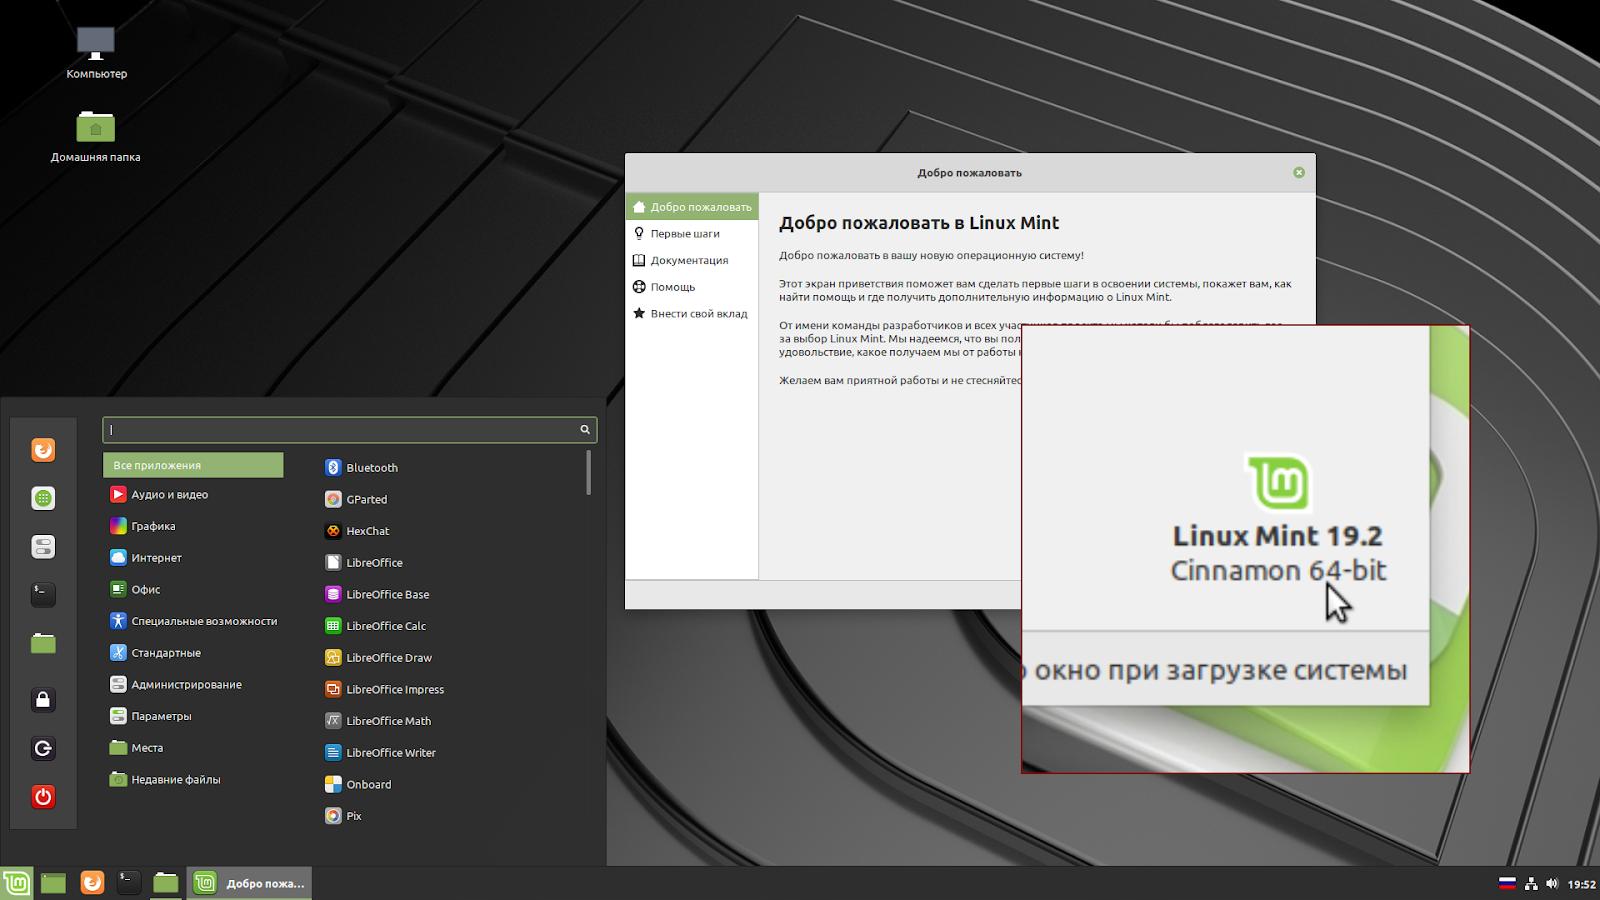 Установка тор браузера в линукс минт hyrda вход мобильная версия tor browser hydra2web